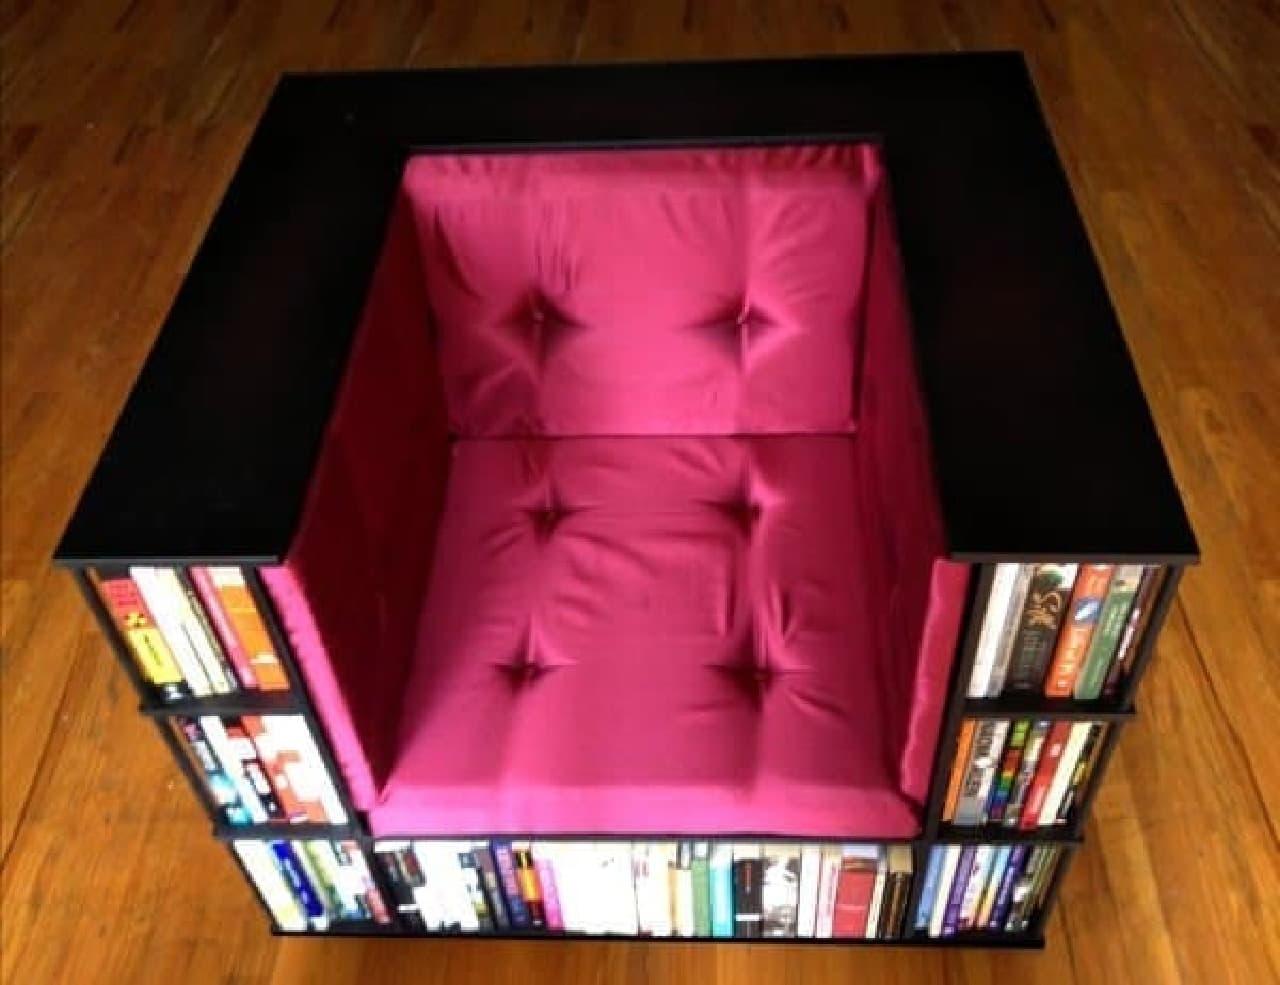 例えば肘掛下の本棚が、読みかけの本の置き場、とか